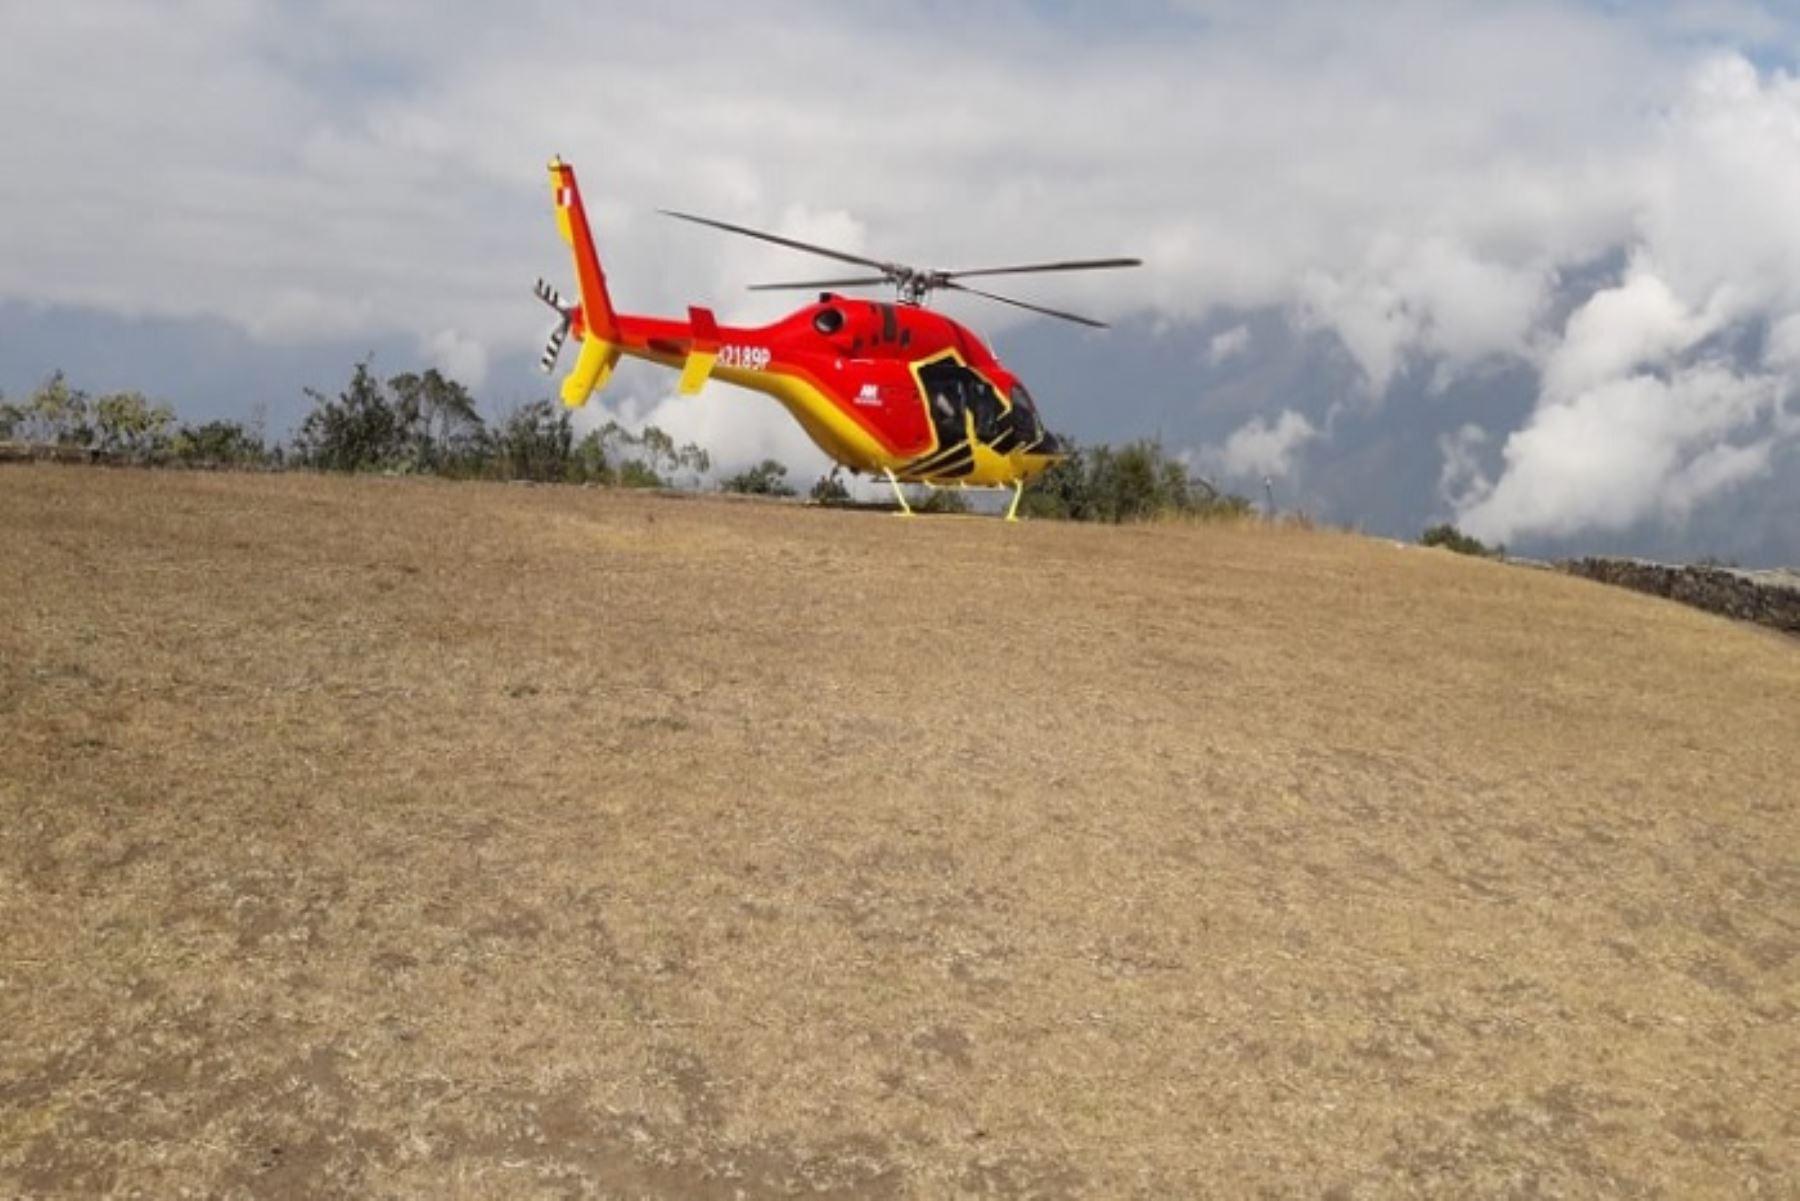 Sin contar con autorización, un helicóptero de la empresa Heliamerica SAC aterrizó en Choquequirao el 15 de agosto.